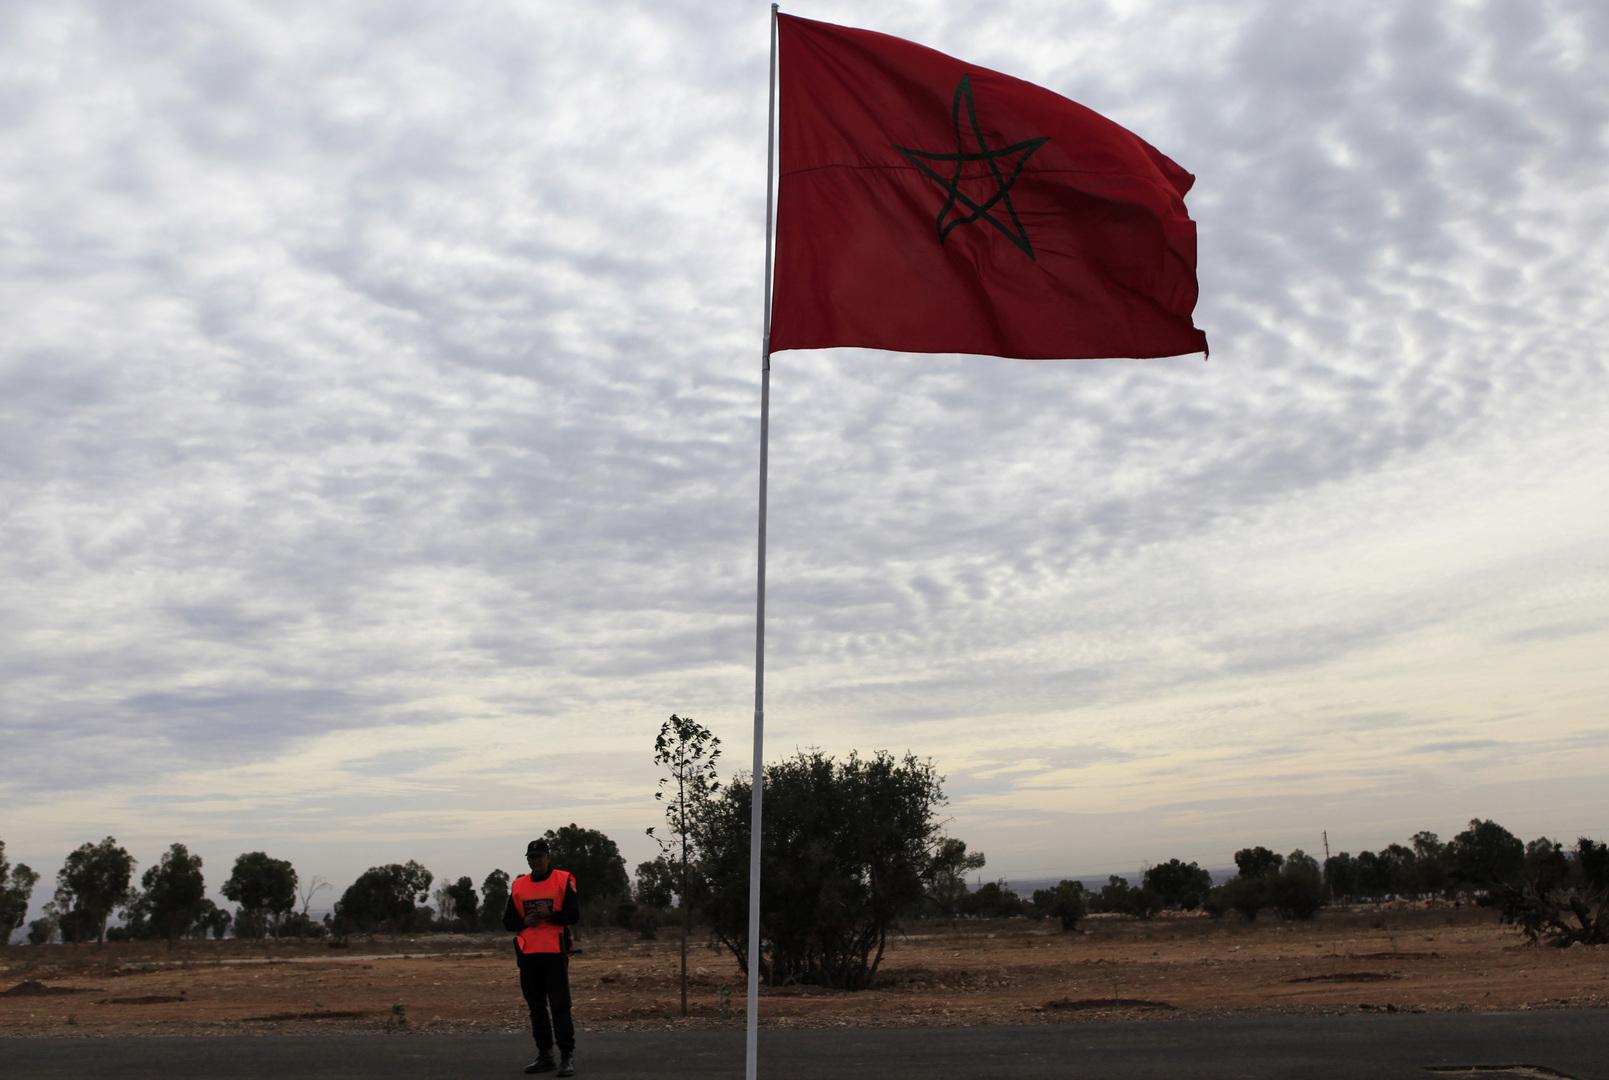 المغرب.. ضبط أطنان من القنب الهندي بإقليم وازن (صورة)